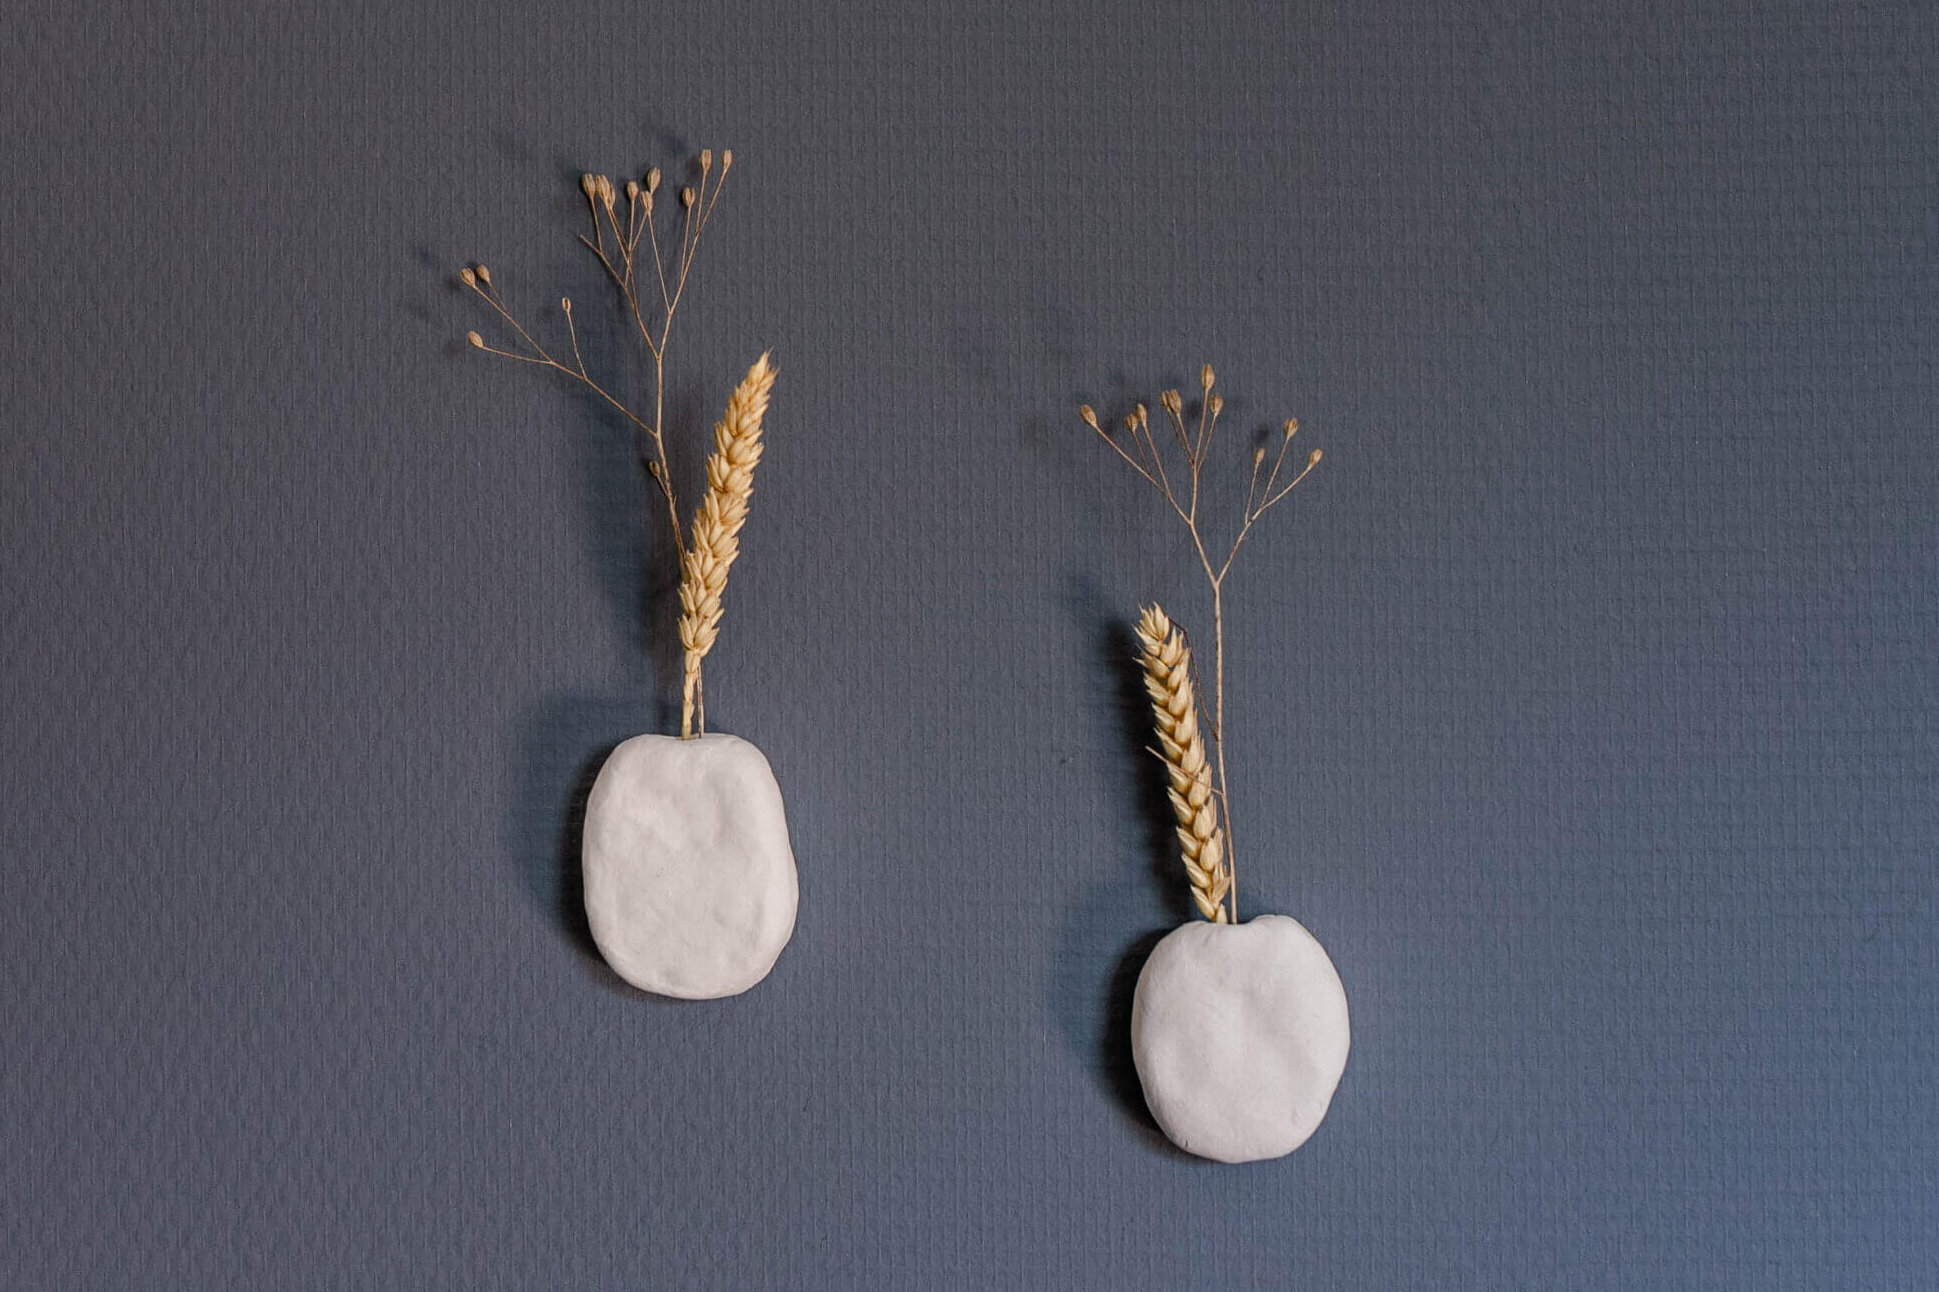 Muurvaasjes van klei – DIY